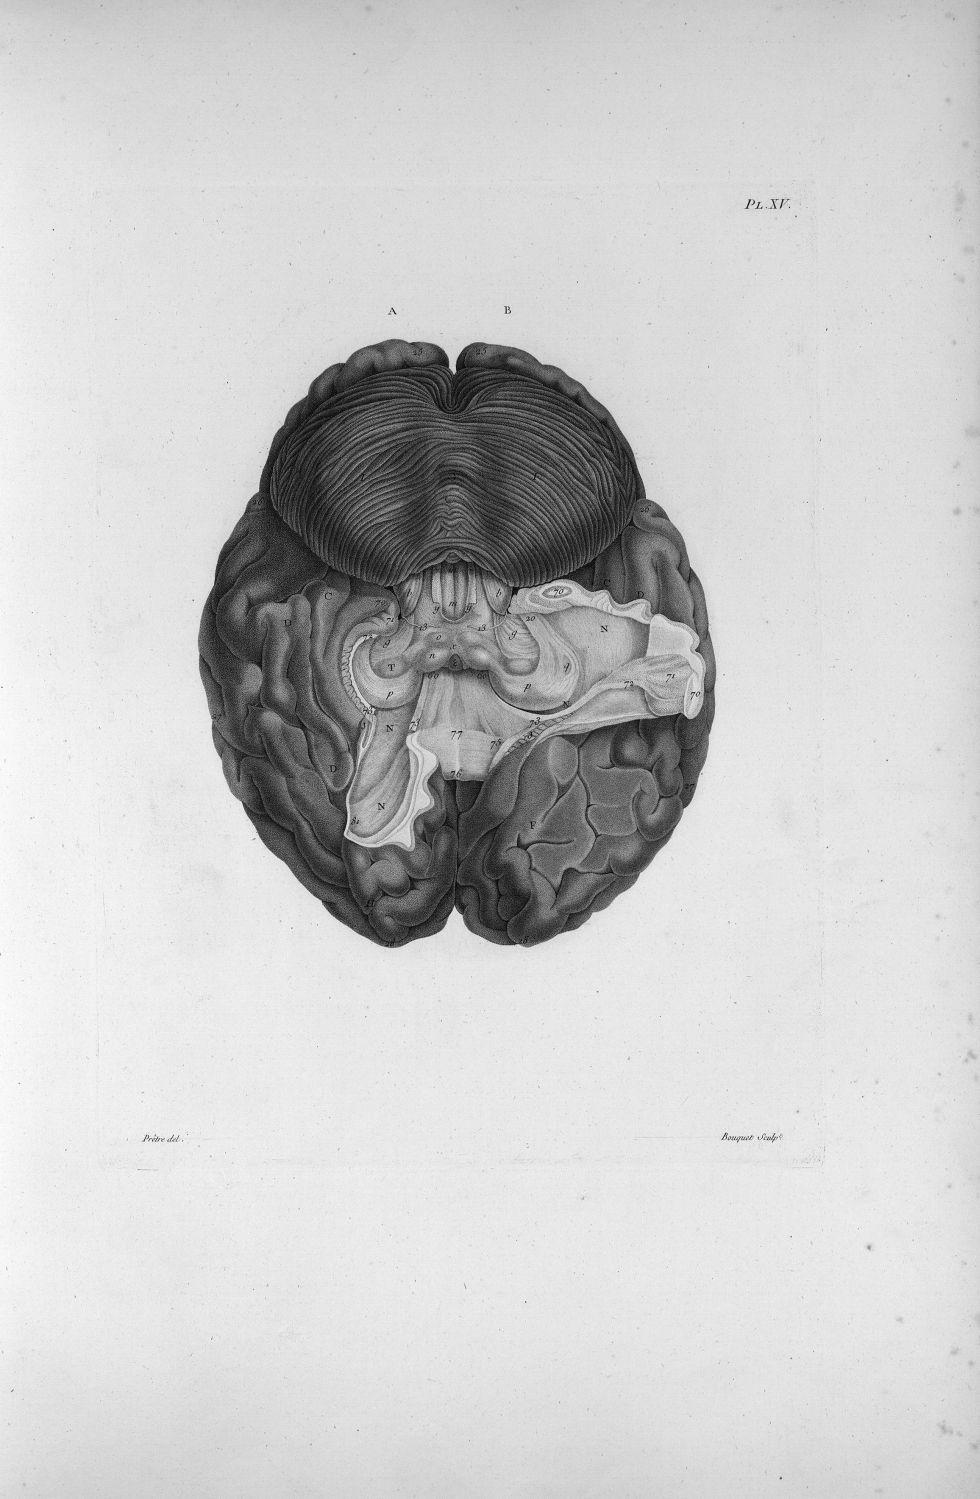 Pl. XV. Cerveau humain posé sur sa face supérieure - Anatomie et physiologie du système nerveux en g [...] - Anatomie. Neurologie. Cerveaux (têtes). 19e siècle (France) - med00575xatlasx0025